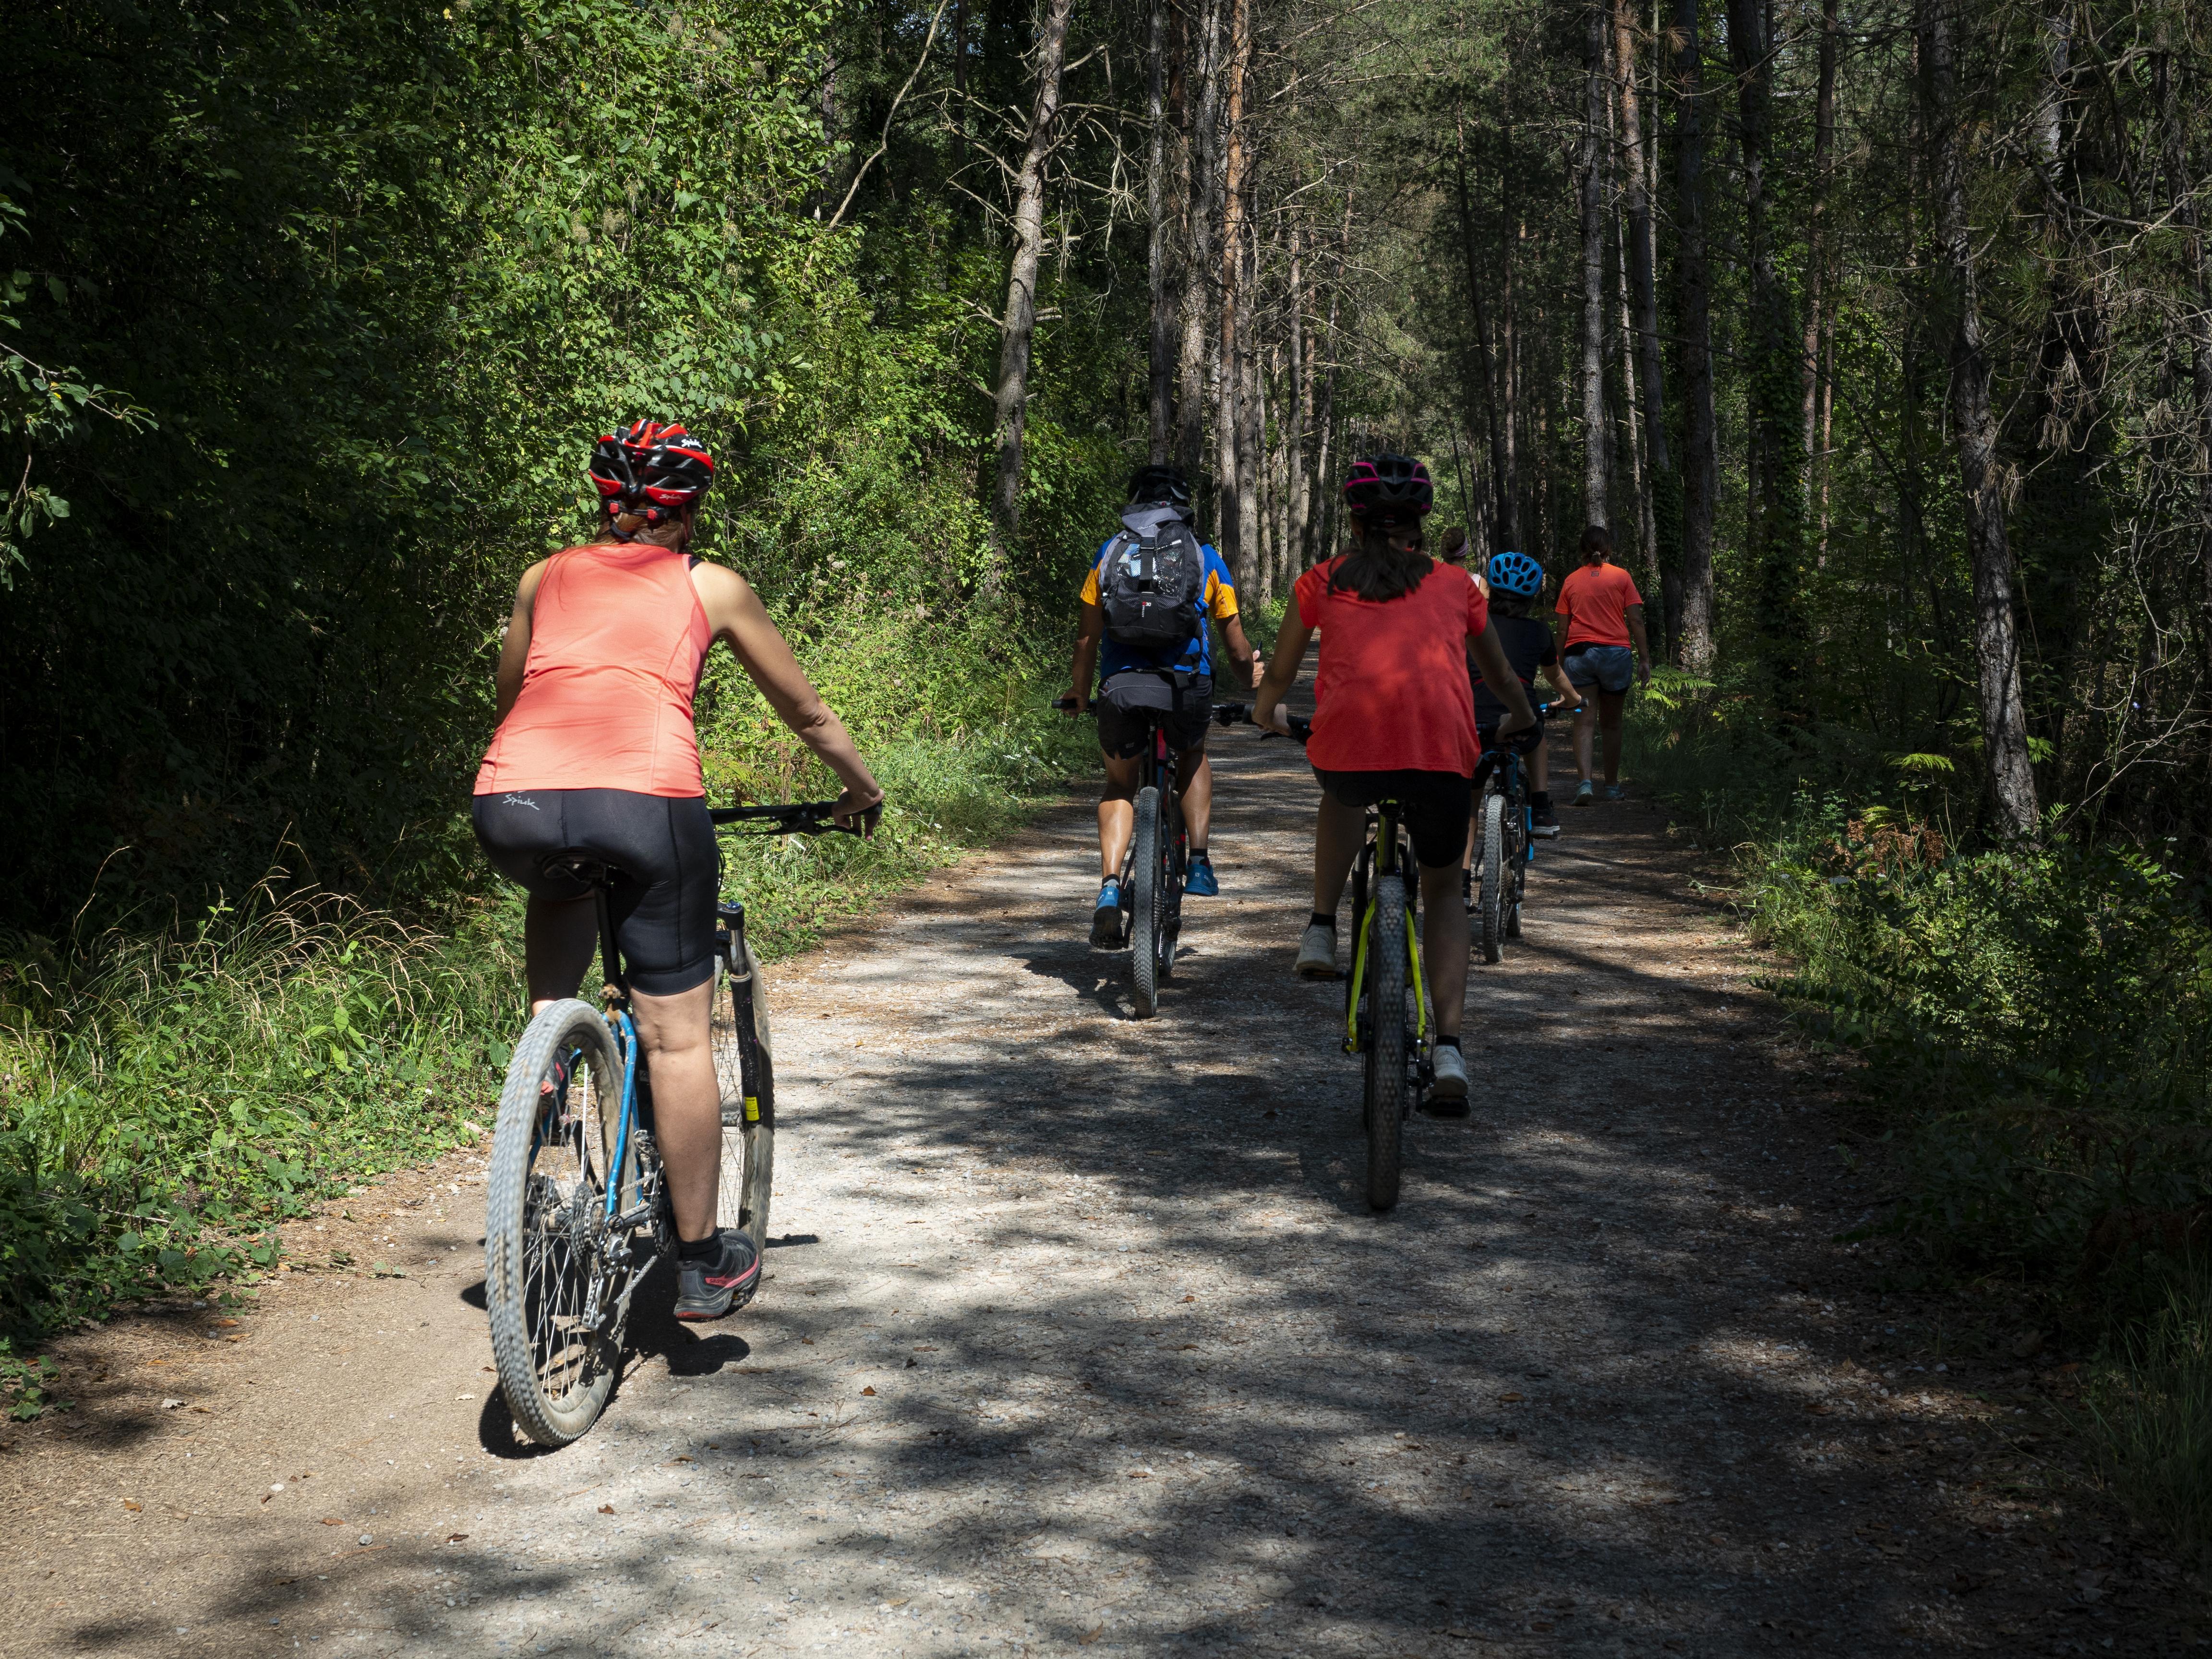 Ciclisme a la Via Verda de Cal Rosal a Pedret. FOTO: Anna E. Puig